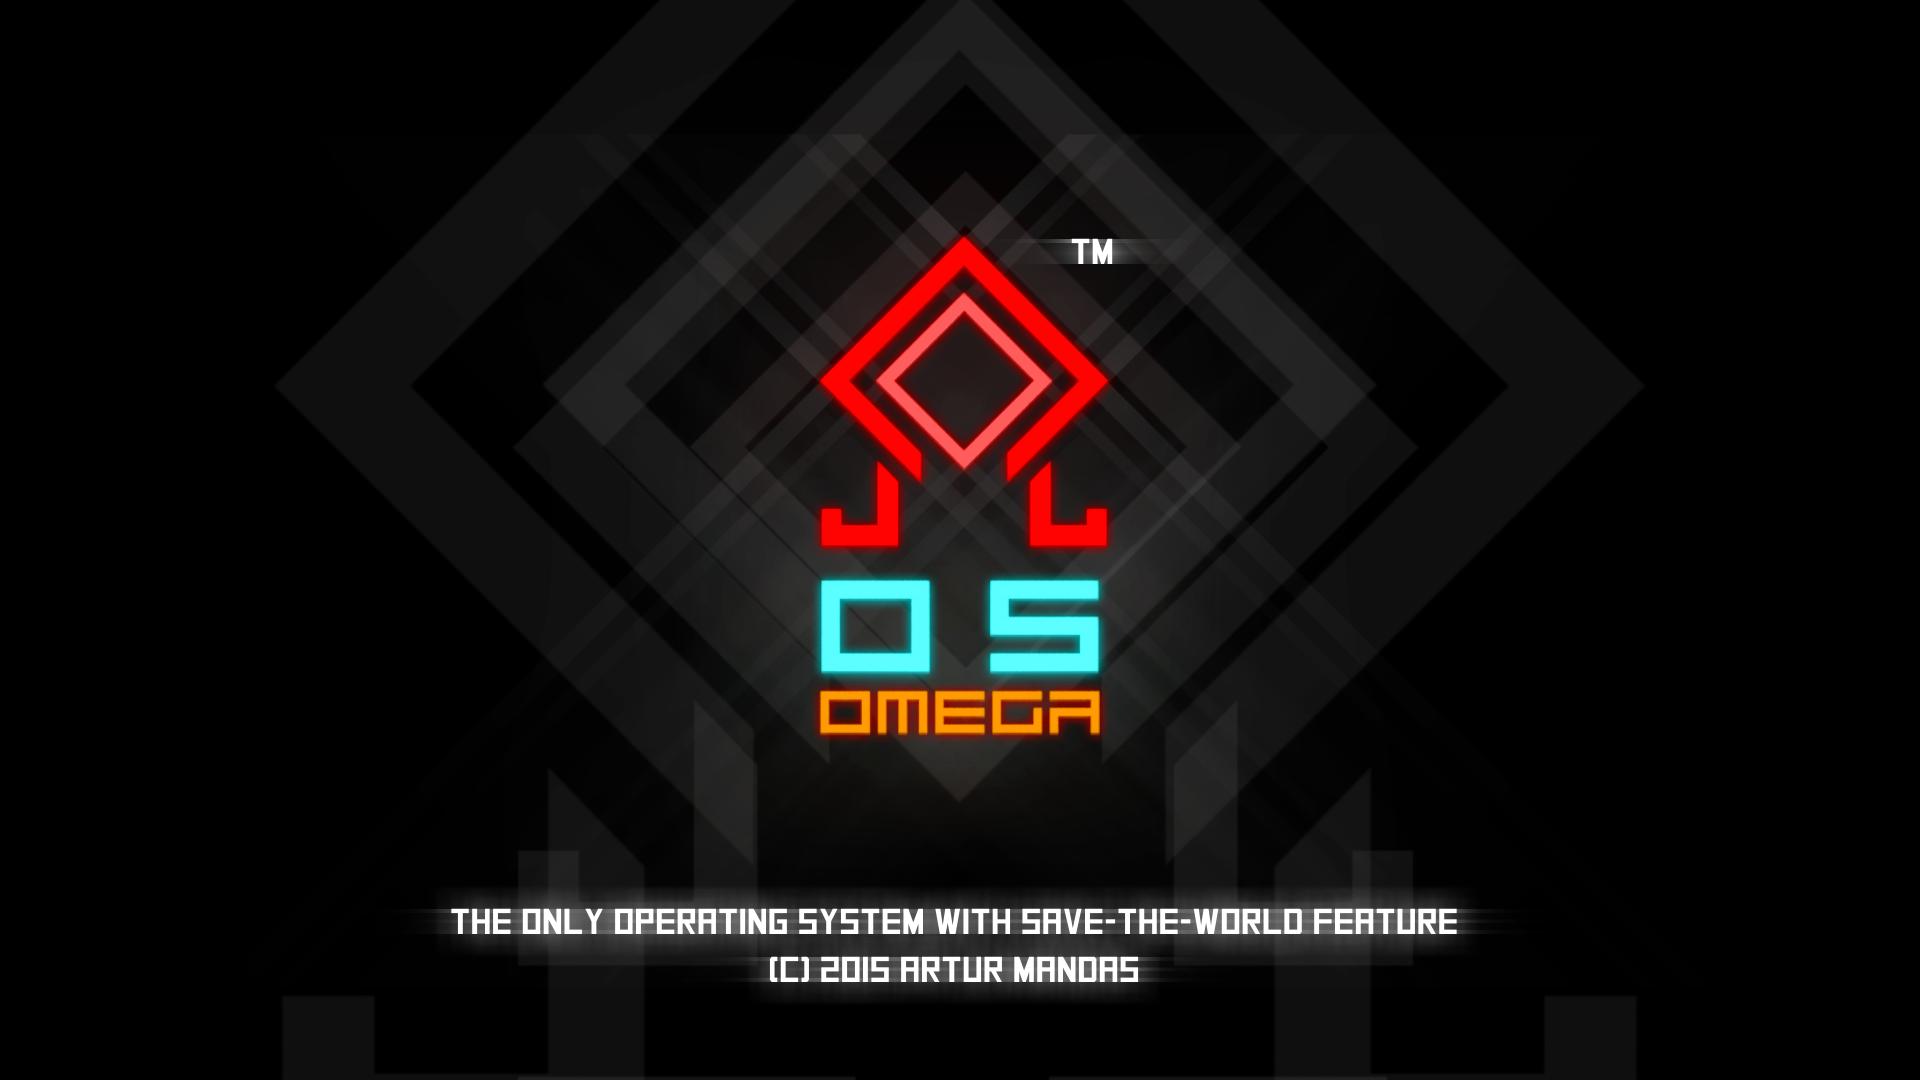 OS Omega